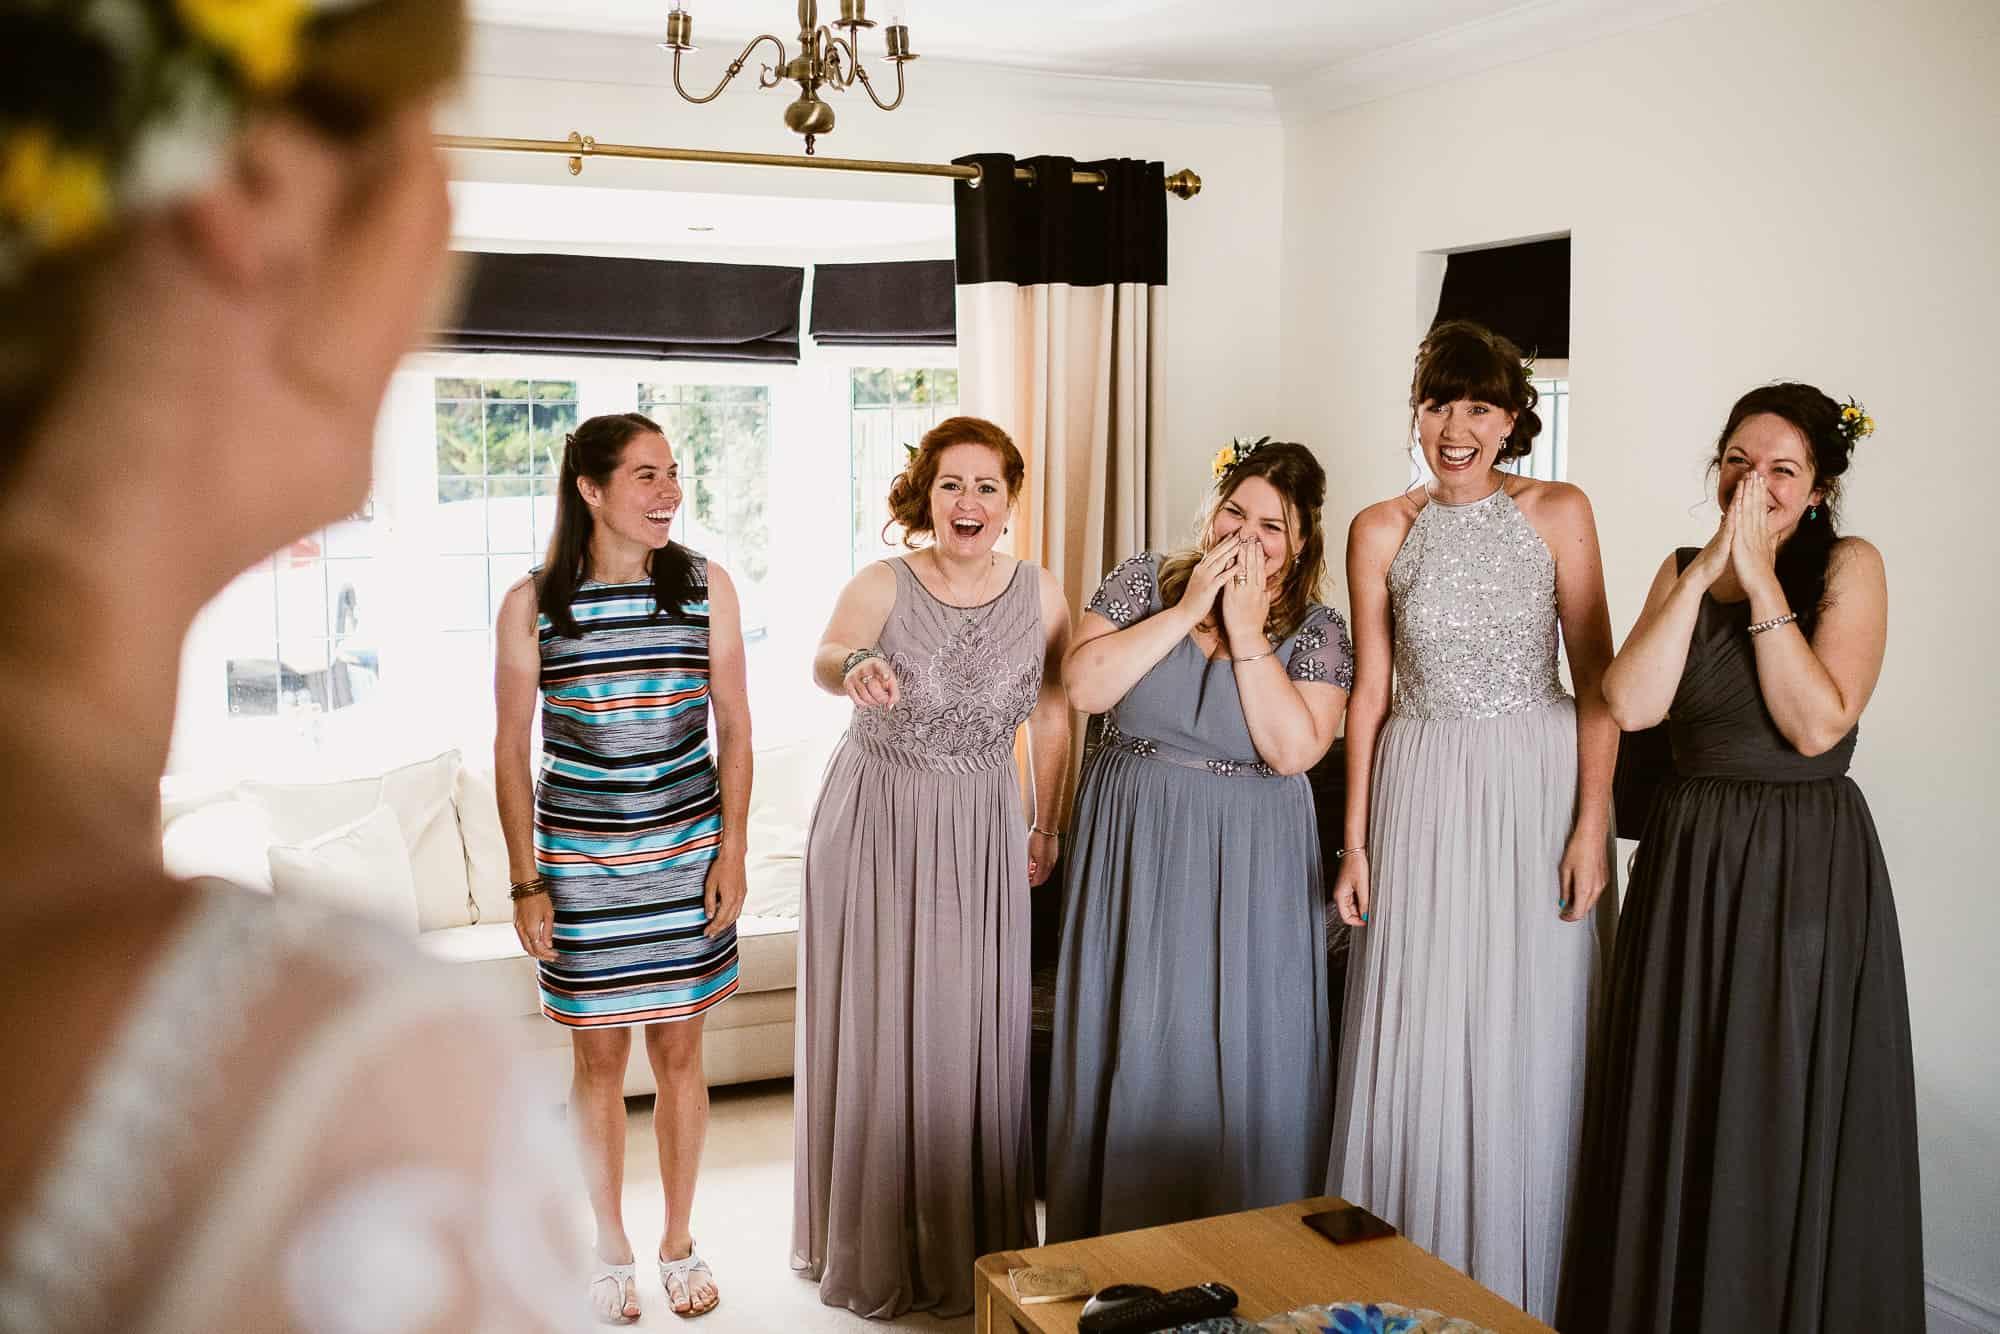 east-quay-wedding-photography-matt-tyler-0012